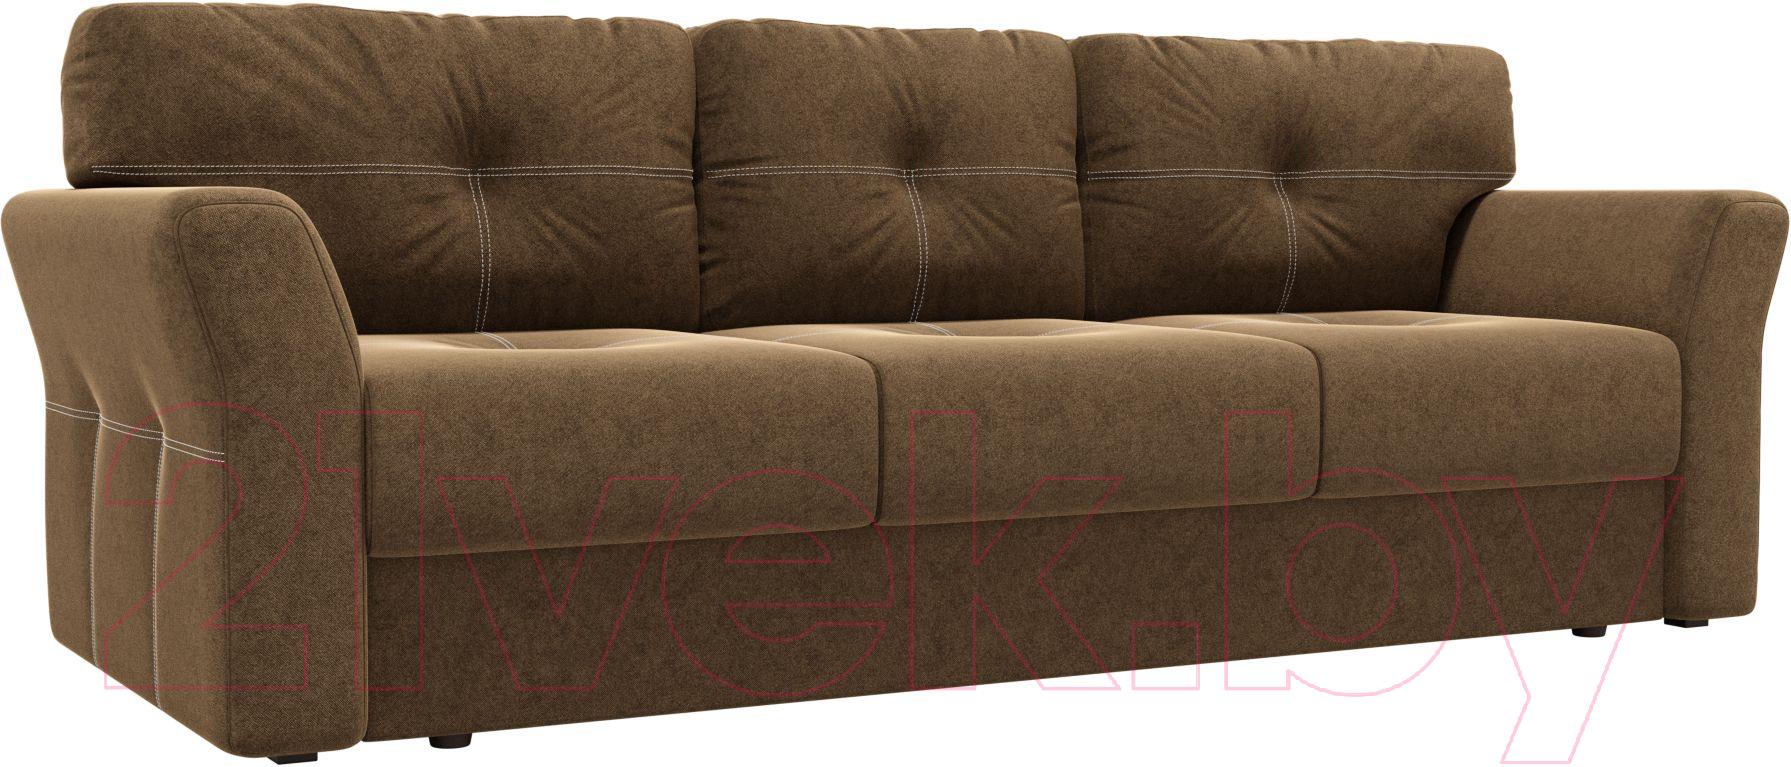 Купить Диван Лига Диванов, Манхеттен 116 / 58648 (микровельвет, коричневый), Россия